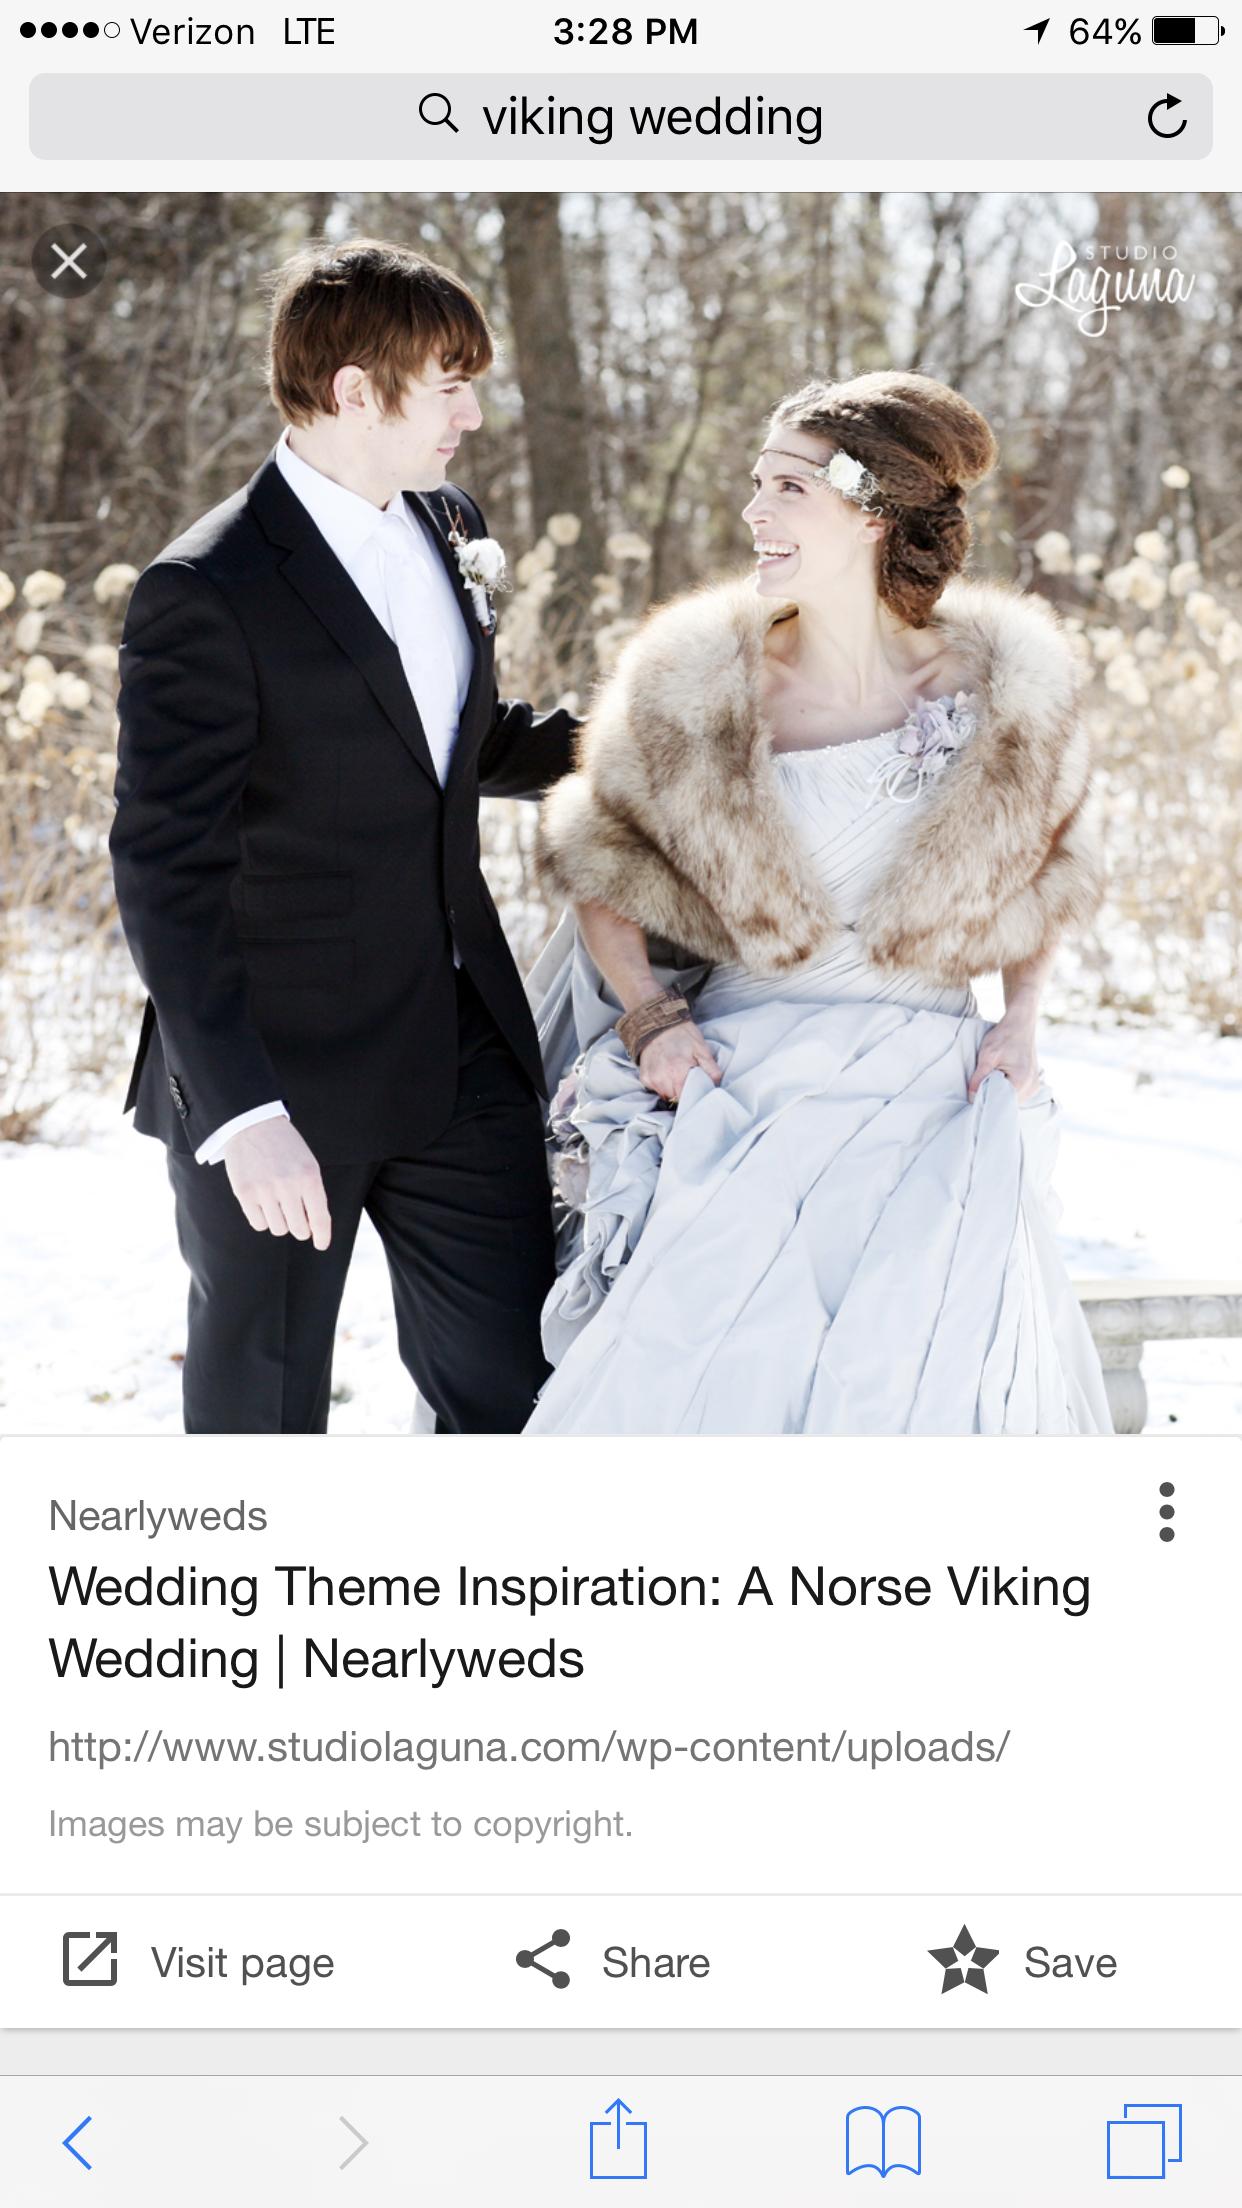 Pin by Angela Faith on Cindle\'s Wedding Ideas | Pinterest | Wedding ...